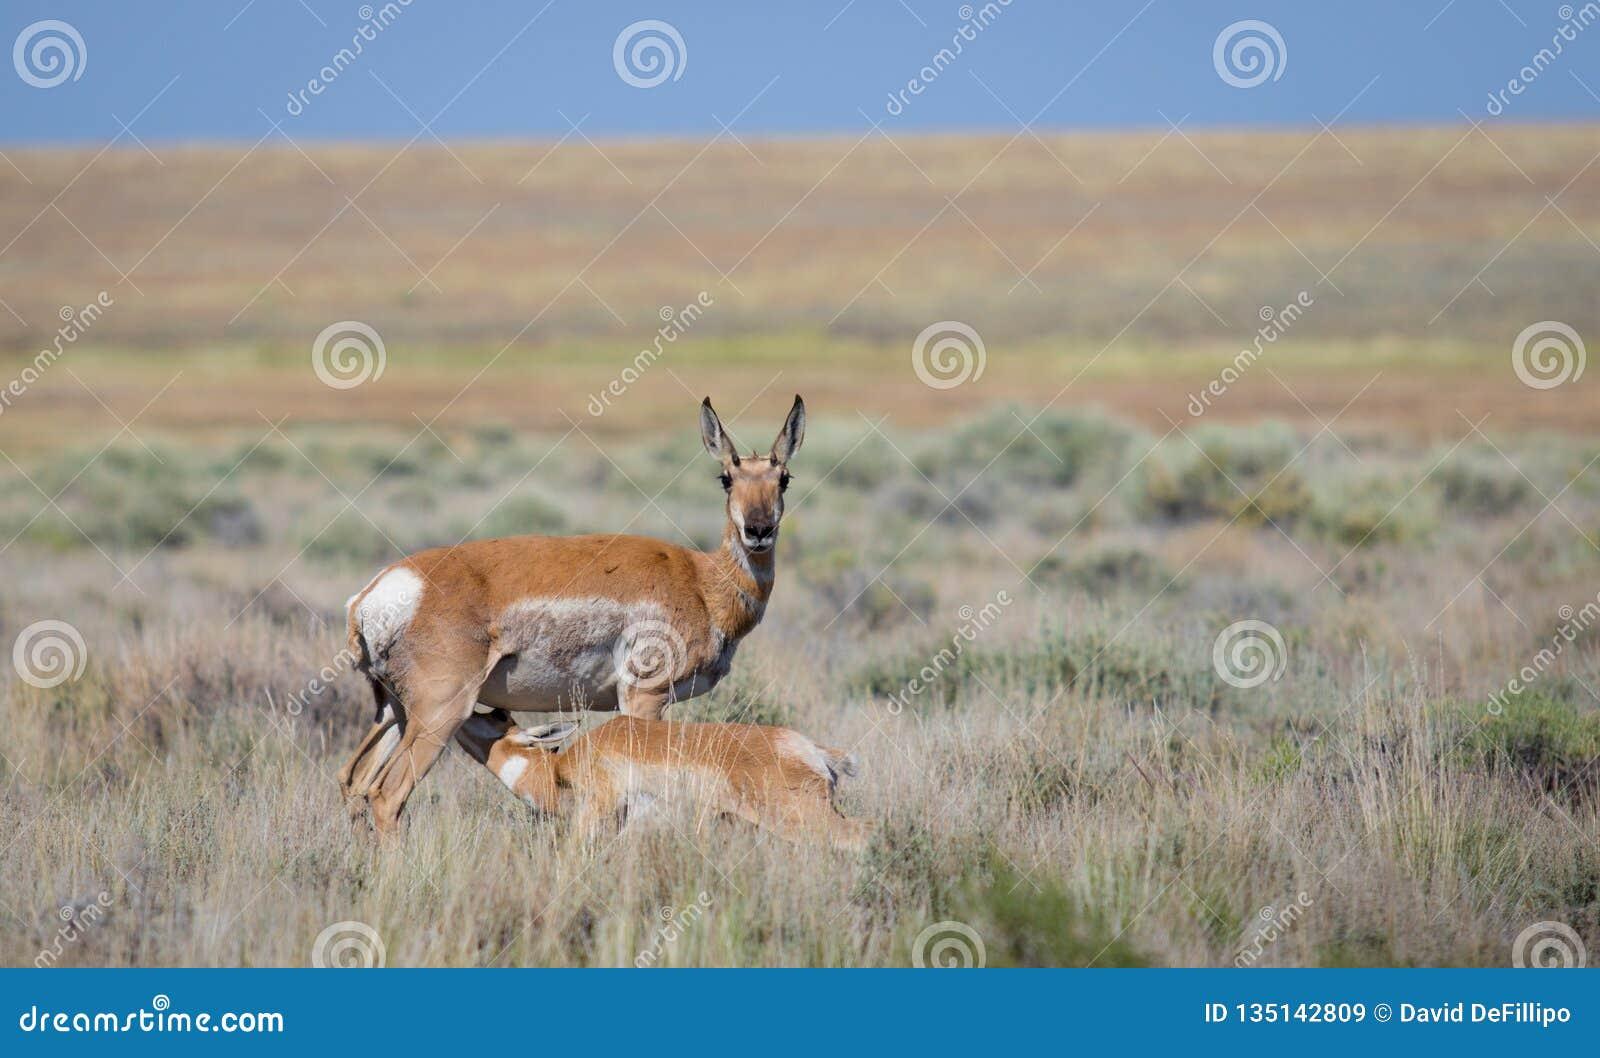 Antilope alimentant son veau